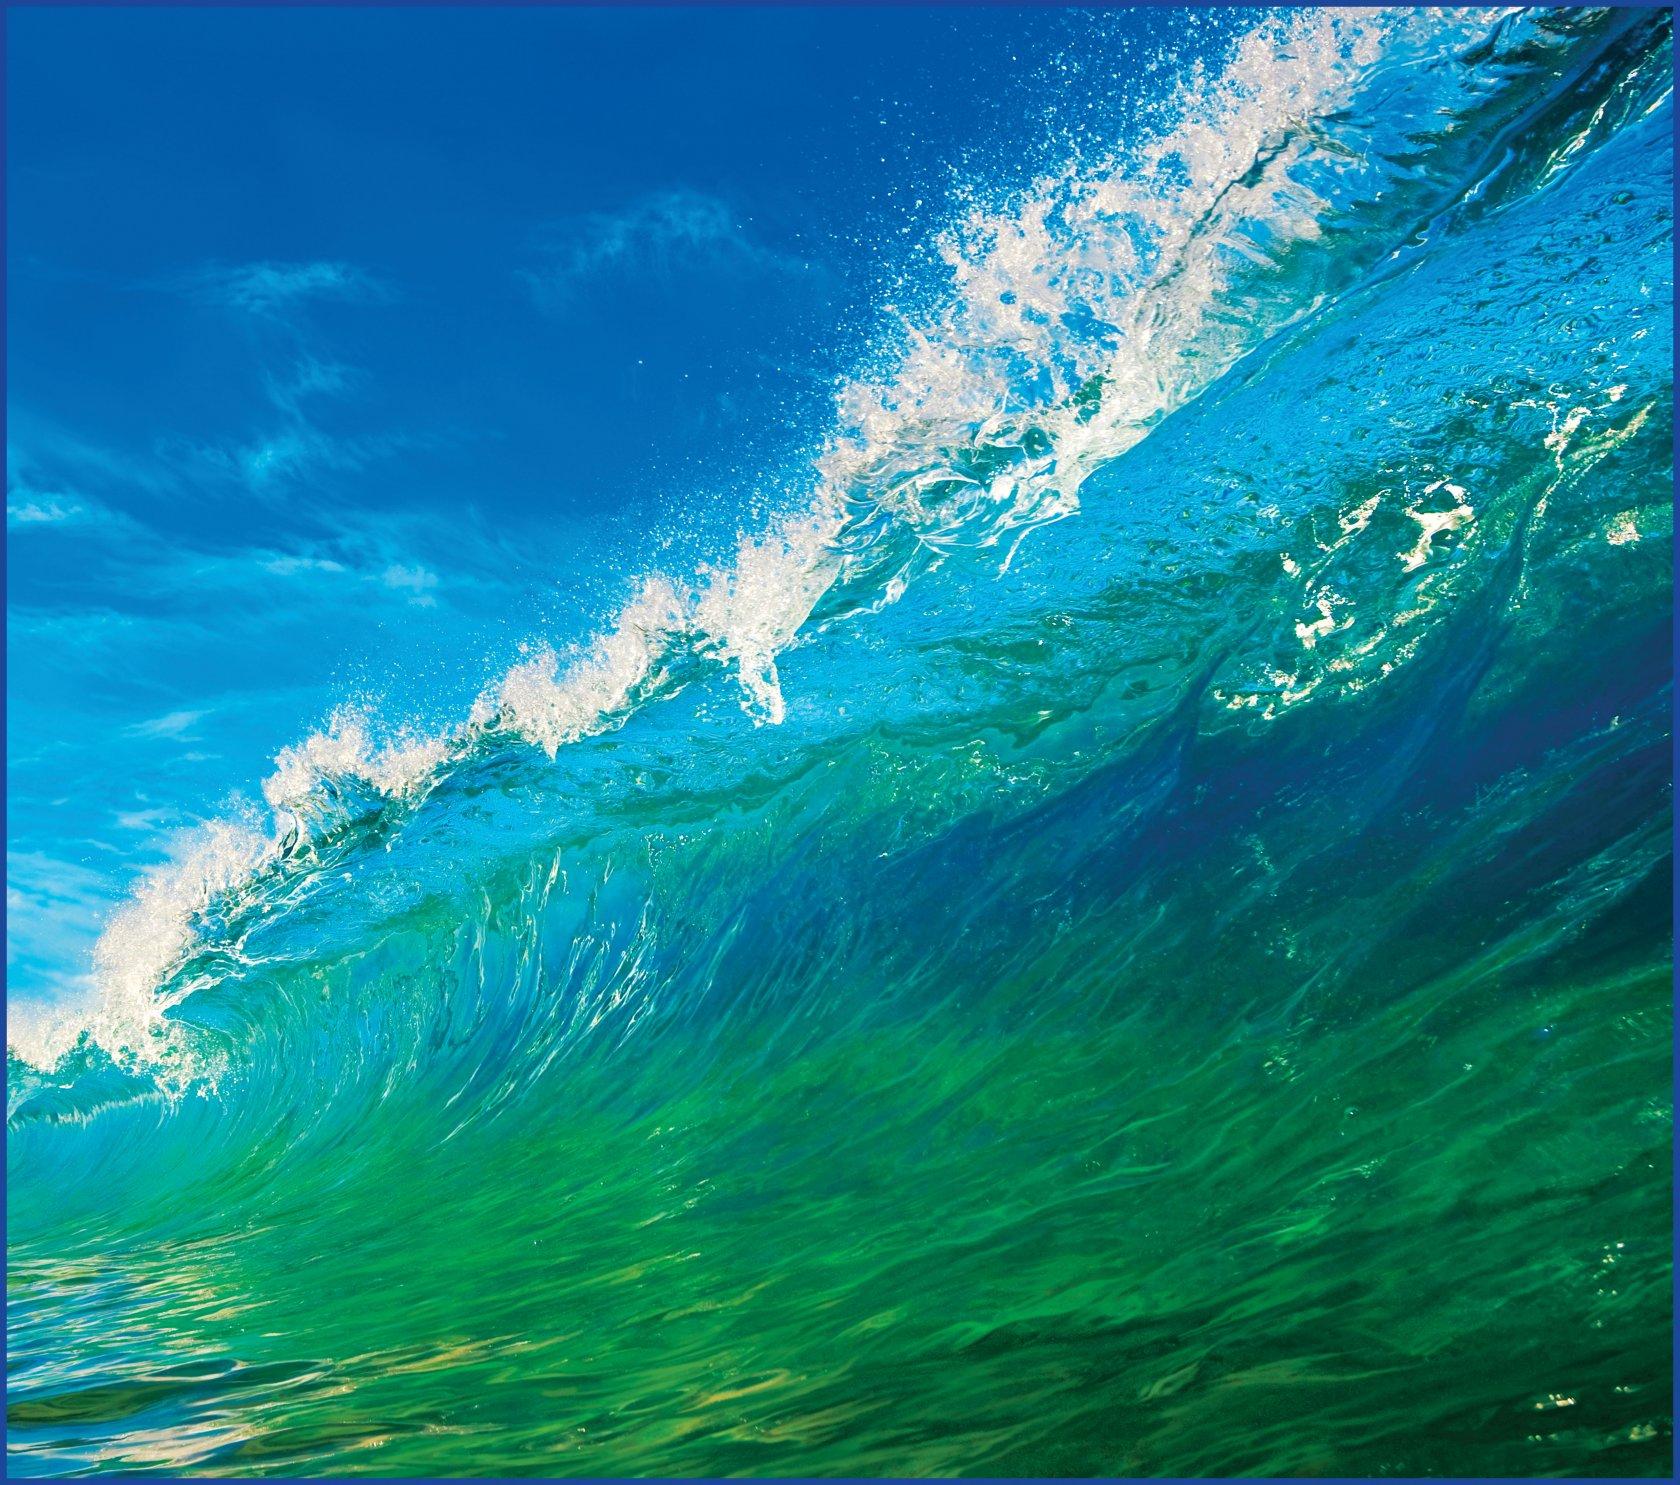 Анимационные картинки с морем волной